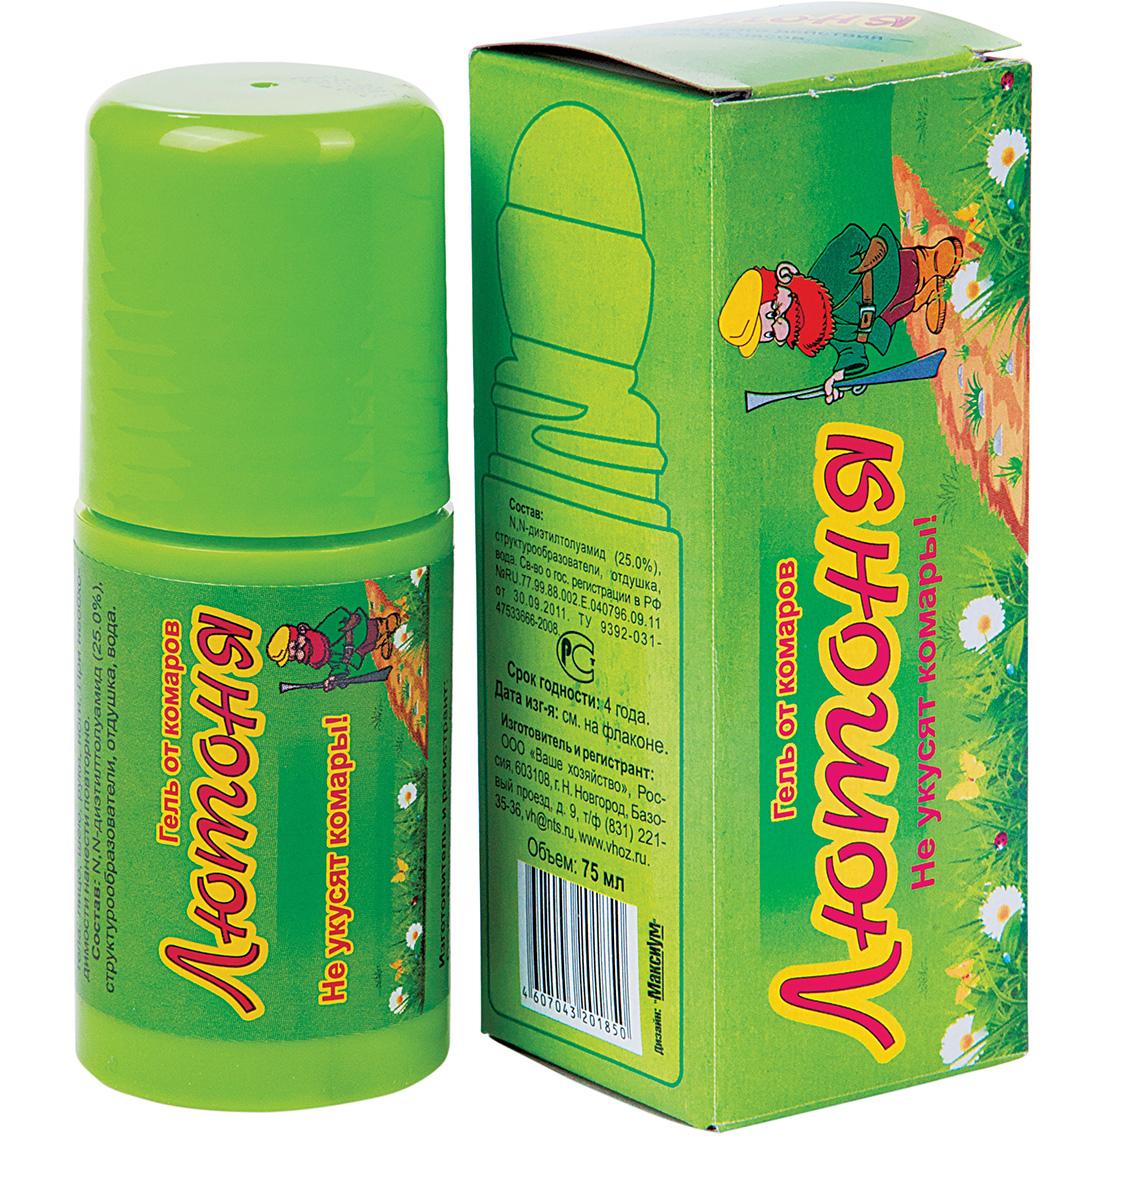 Гель-роллер от комаров Ваше хозяйство Лютоня, для взрослых и детей старше 10 лет, 75 мл спрей от комаров ваше хозяйство дарики дарики для детей от 2 х лет 125 мл